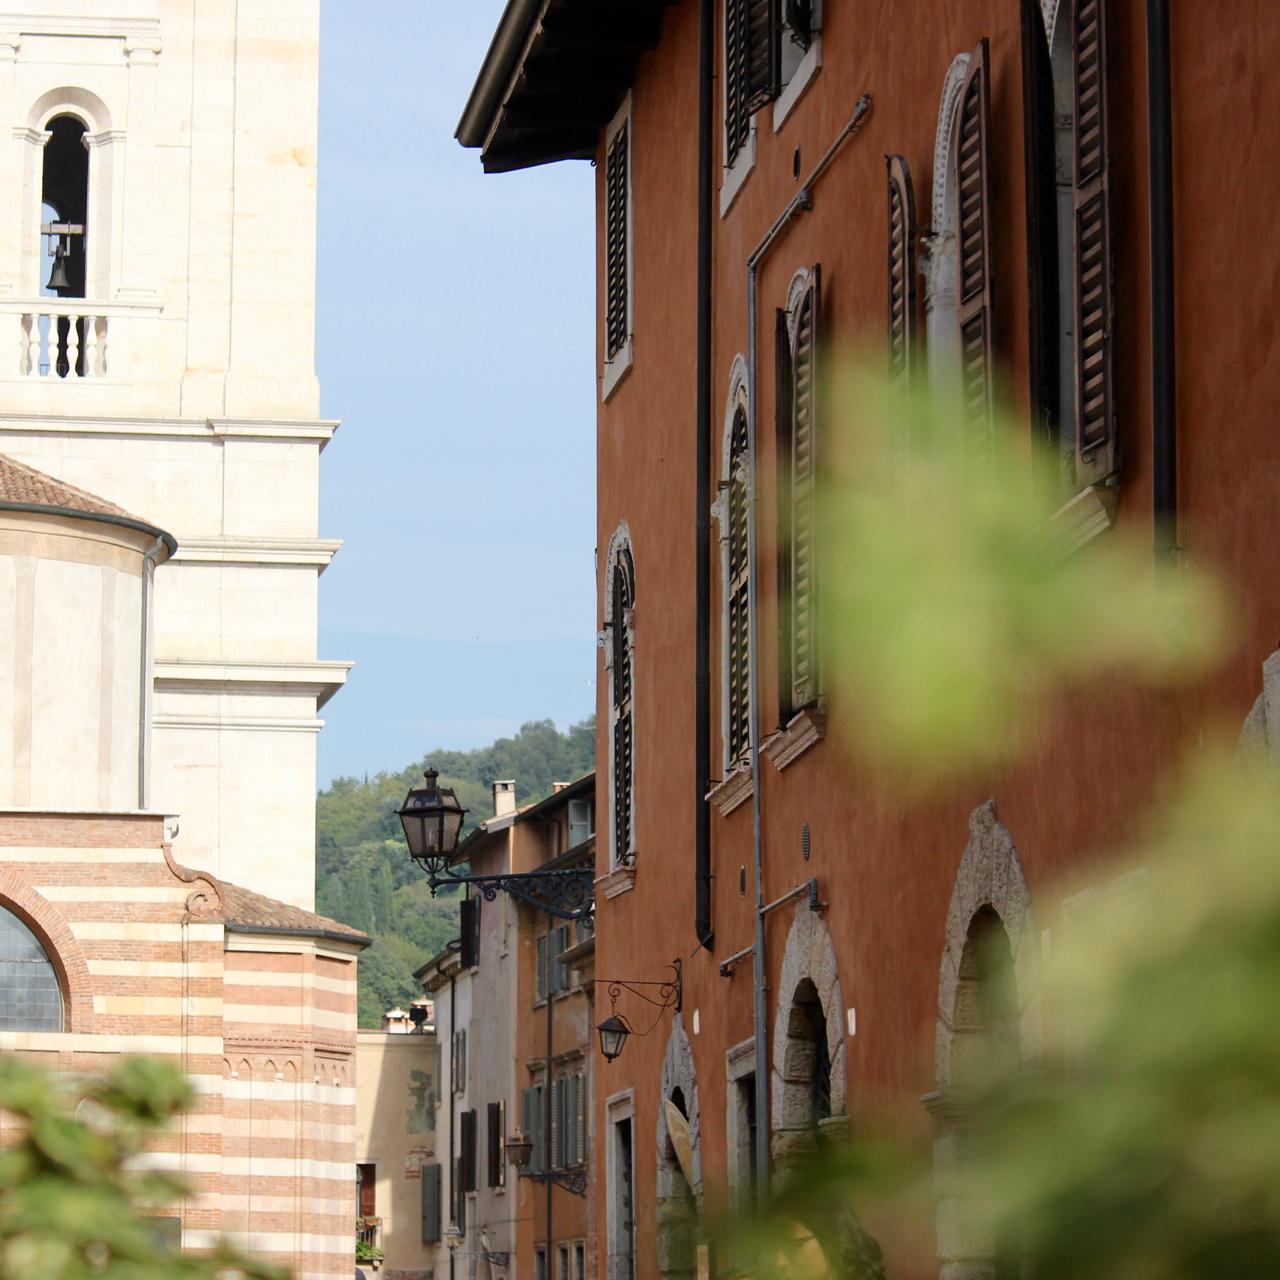 Verona, Italy - 3